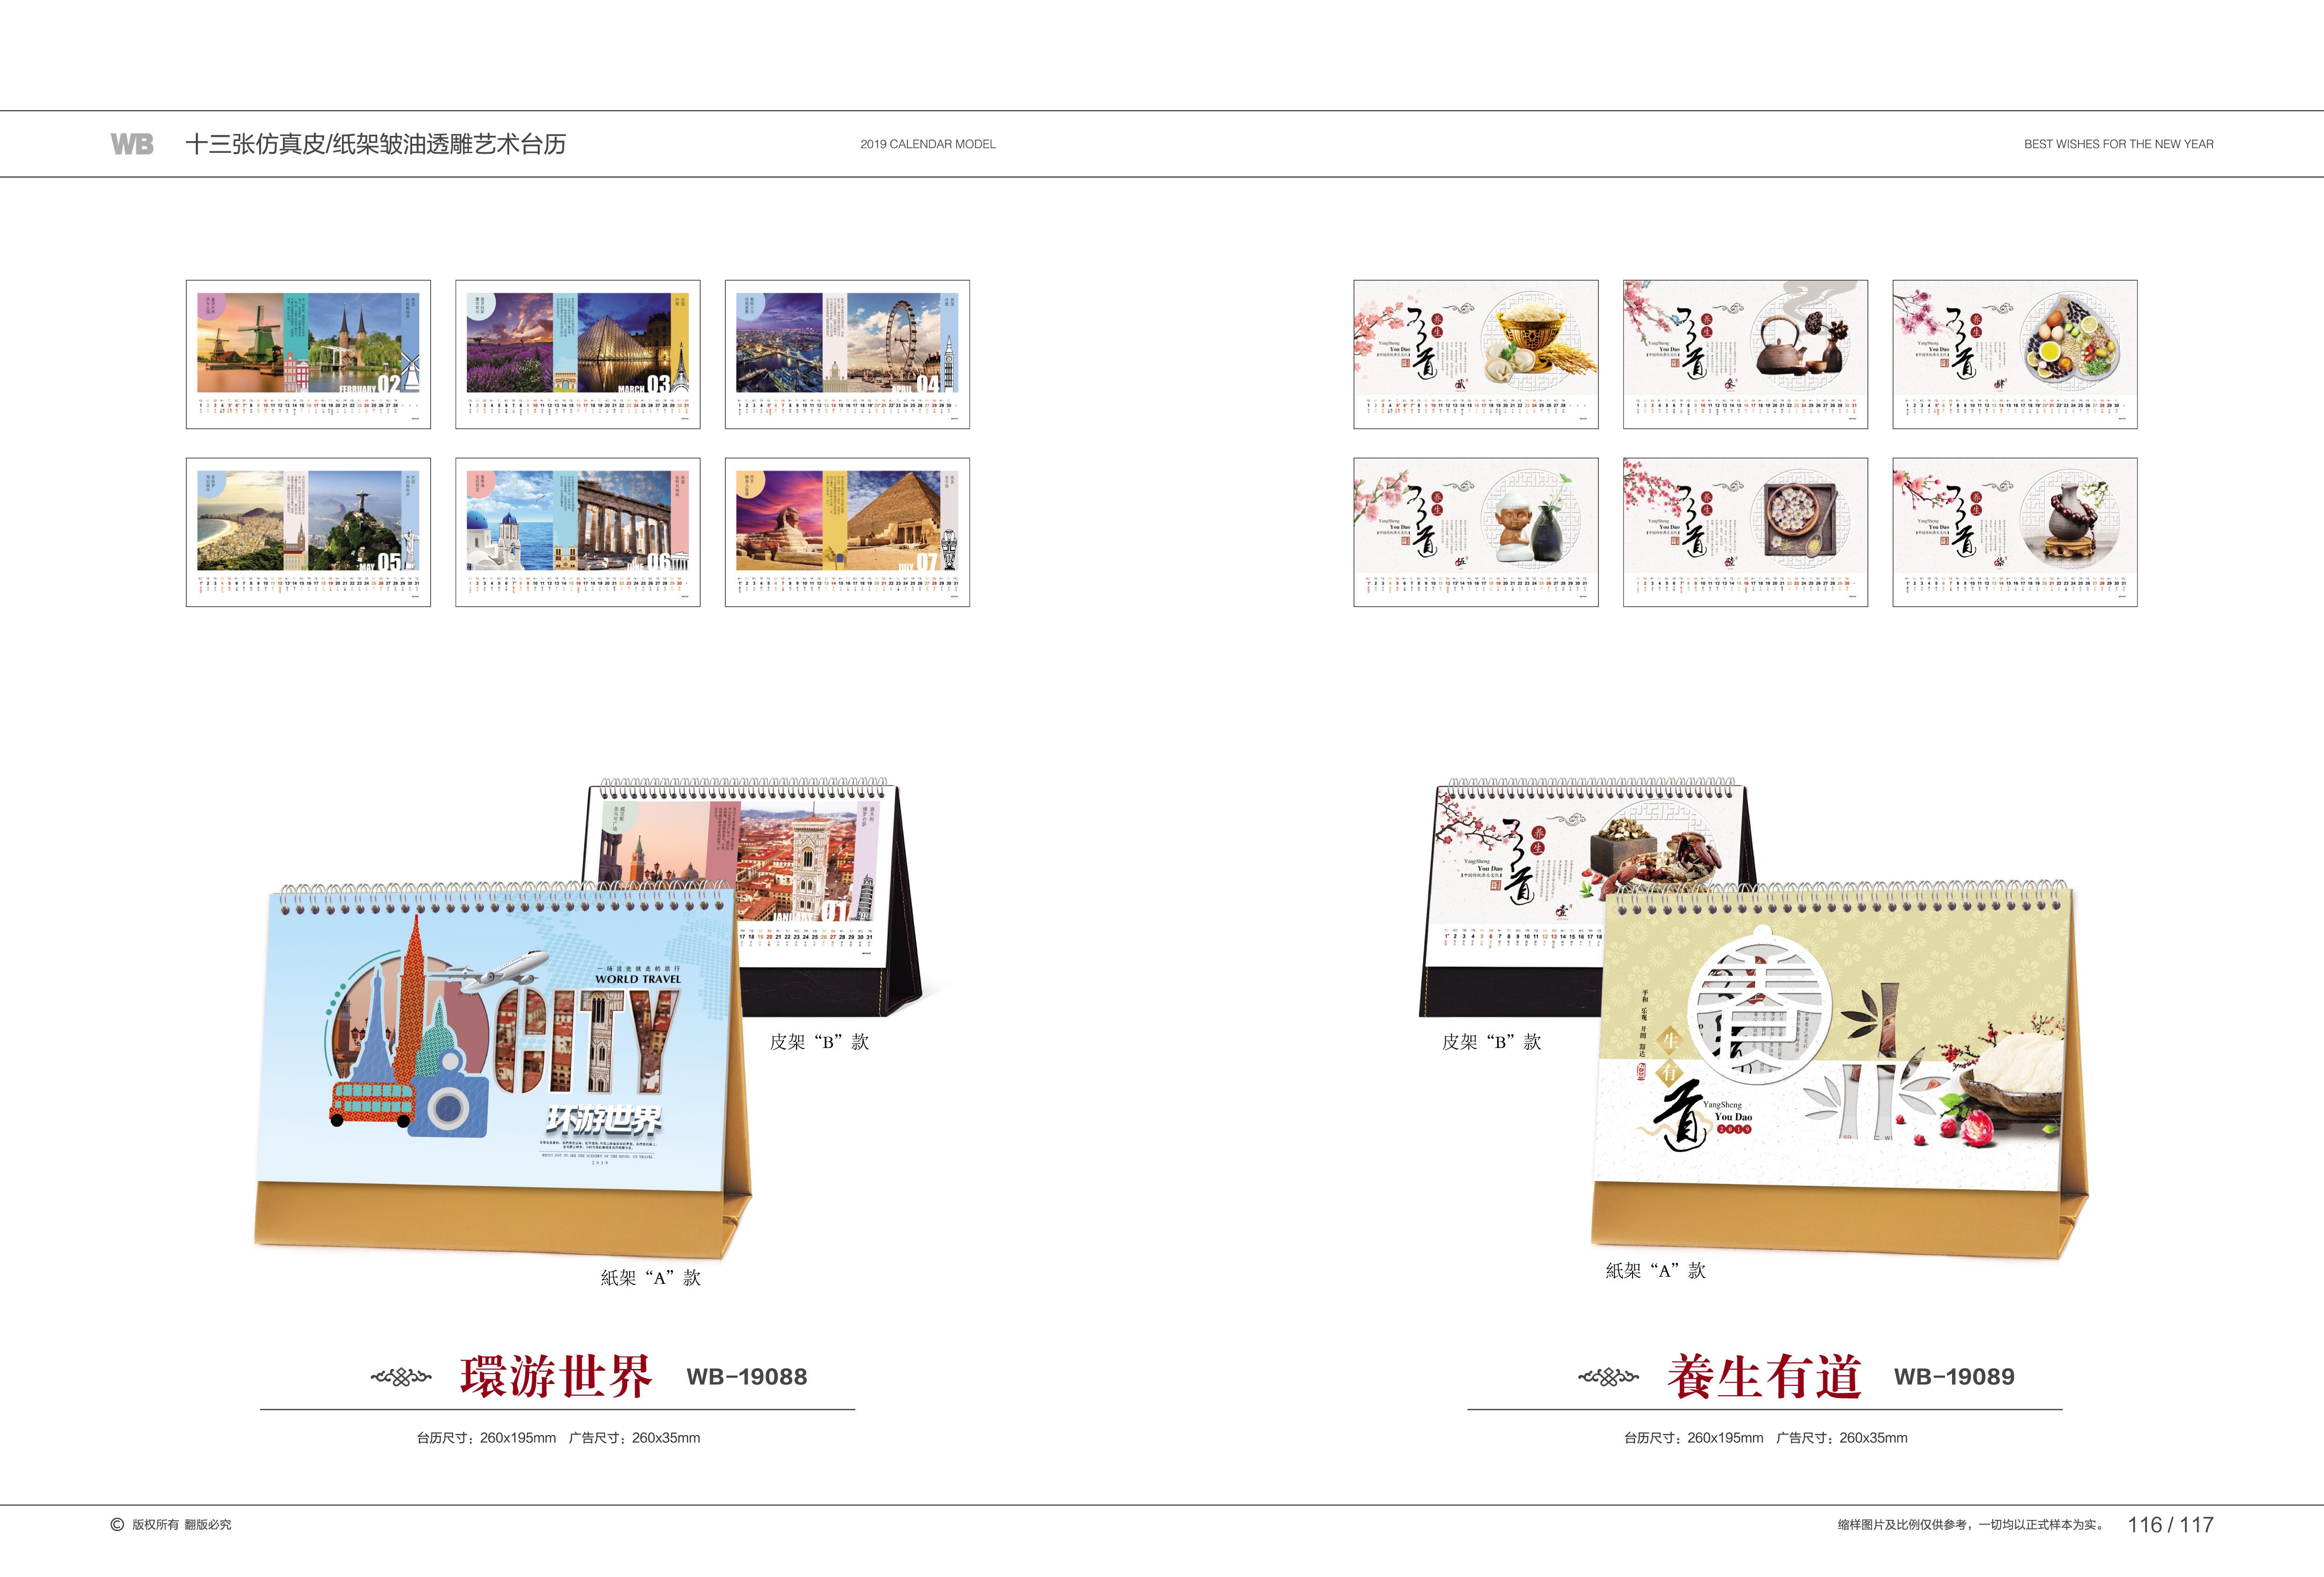 2019年贝弘台历印刷厂专业定制台历/挂历/福牌/周历